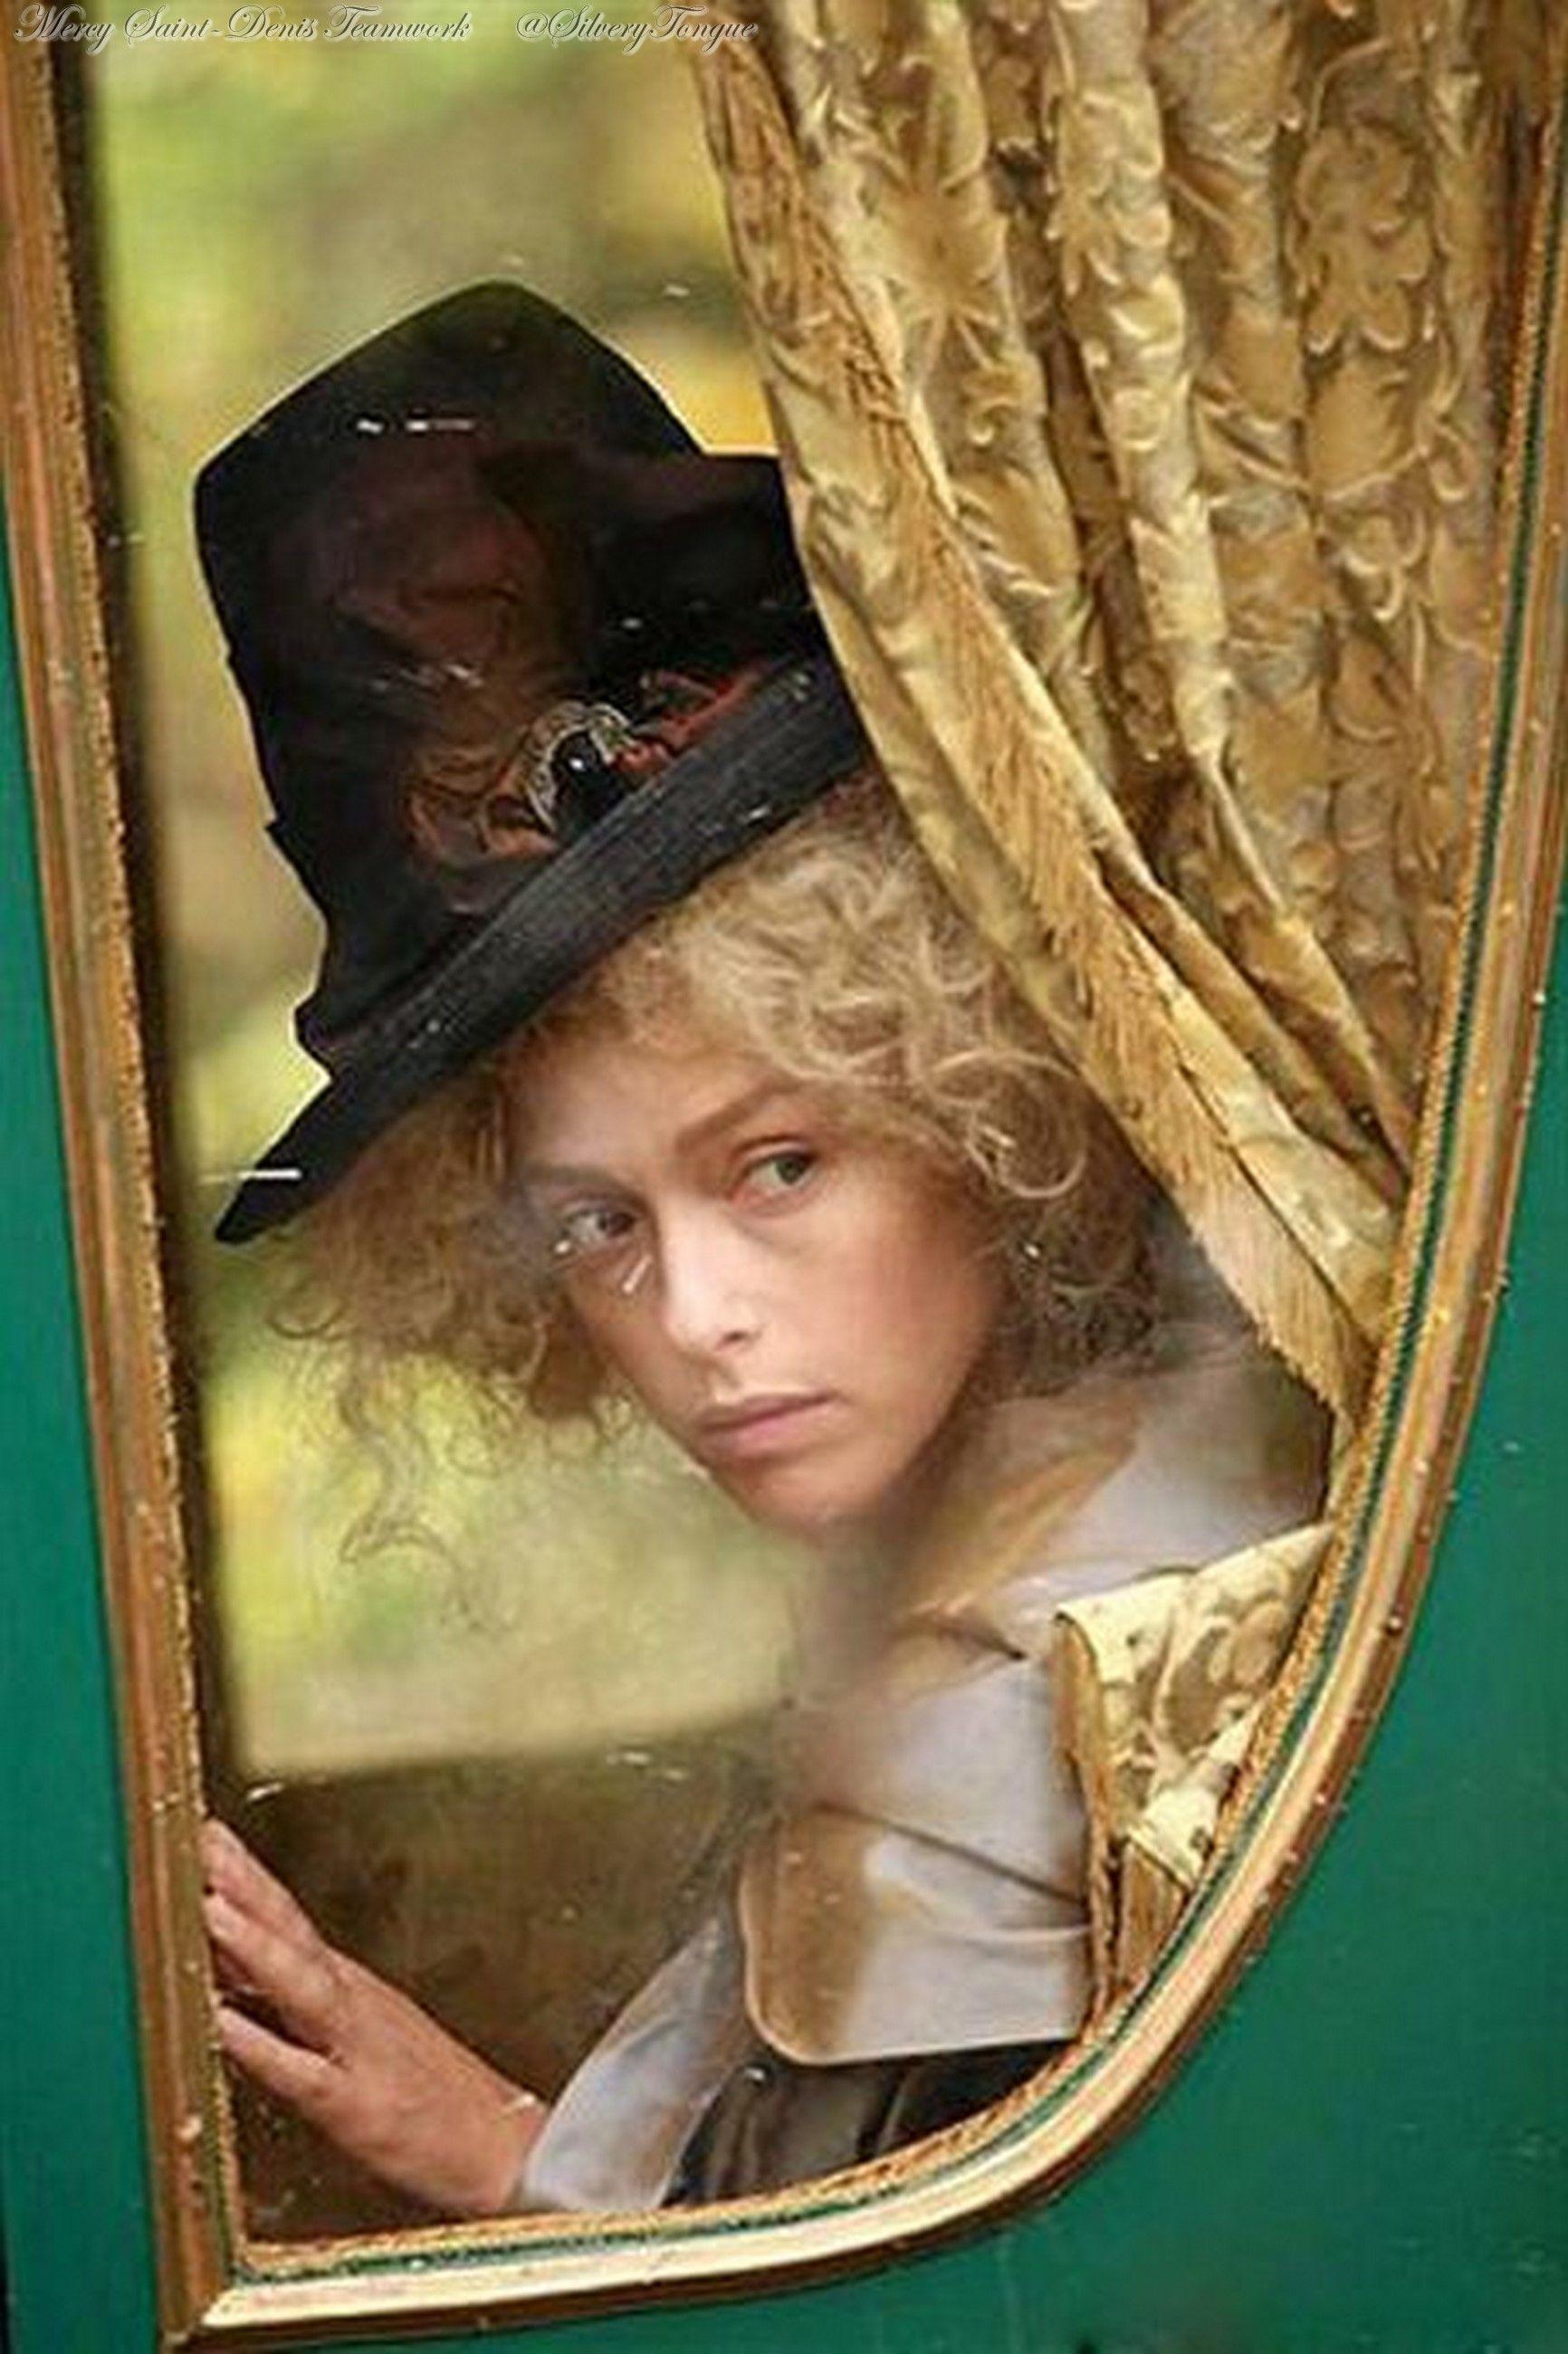 Marie Antoinette (Estelle Skornik) à la portière de la berline. L'Evasion  de Louis XVI en streaming, docu-fiction de Ar…   Painting, Contemporary  paintings, Artwork